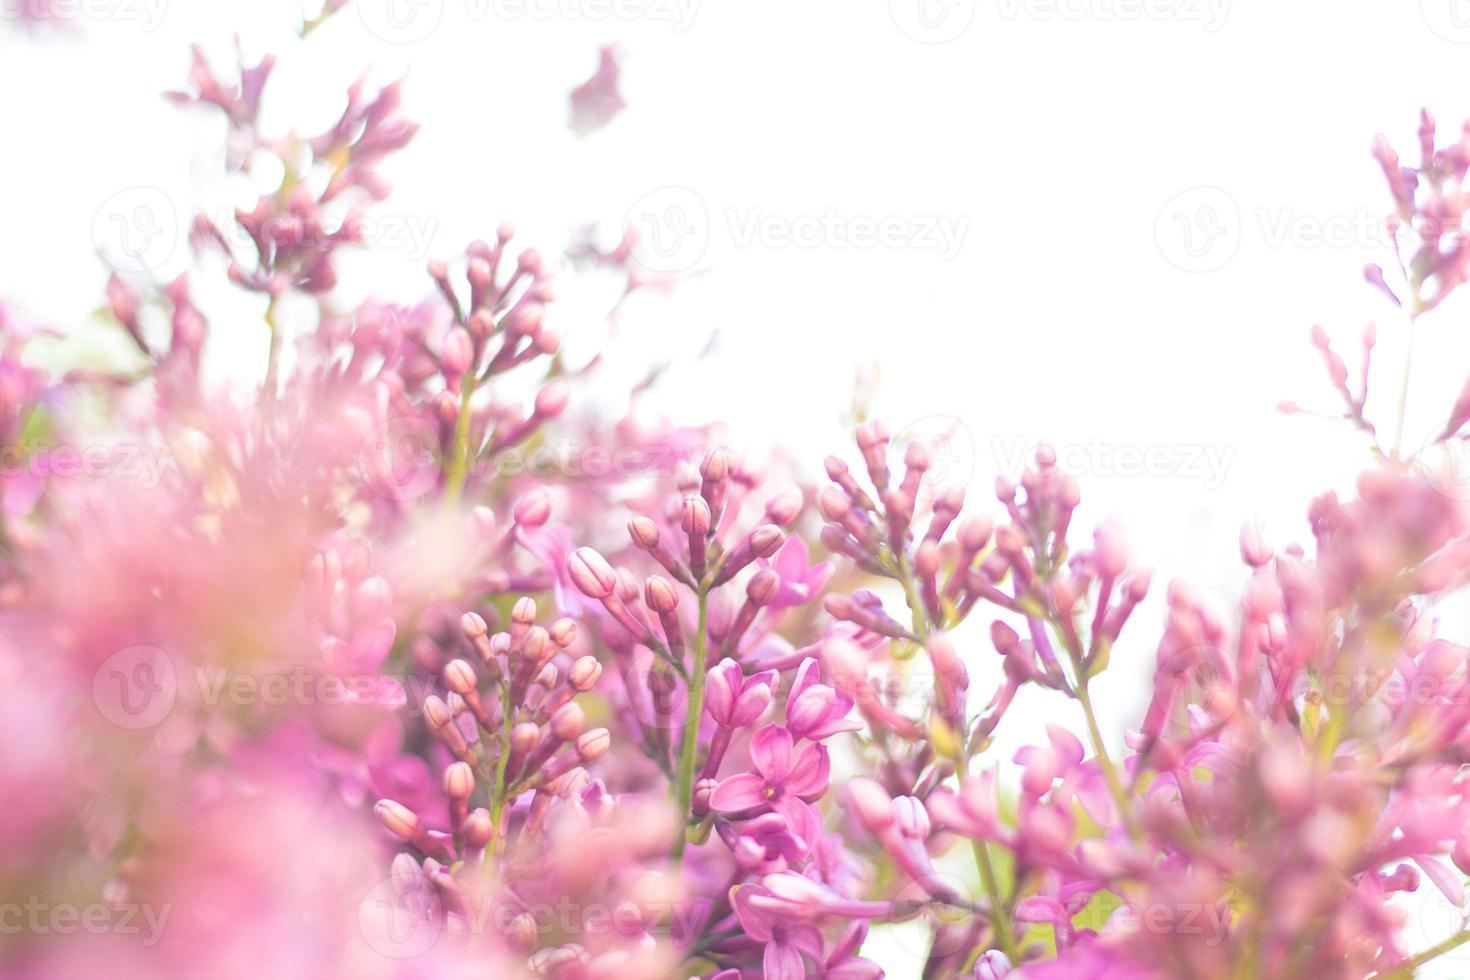 Lilac Bush Reaching Toward the Sky photo